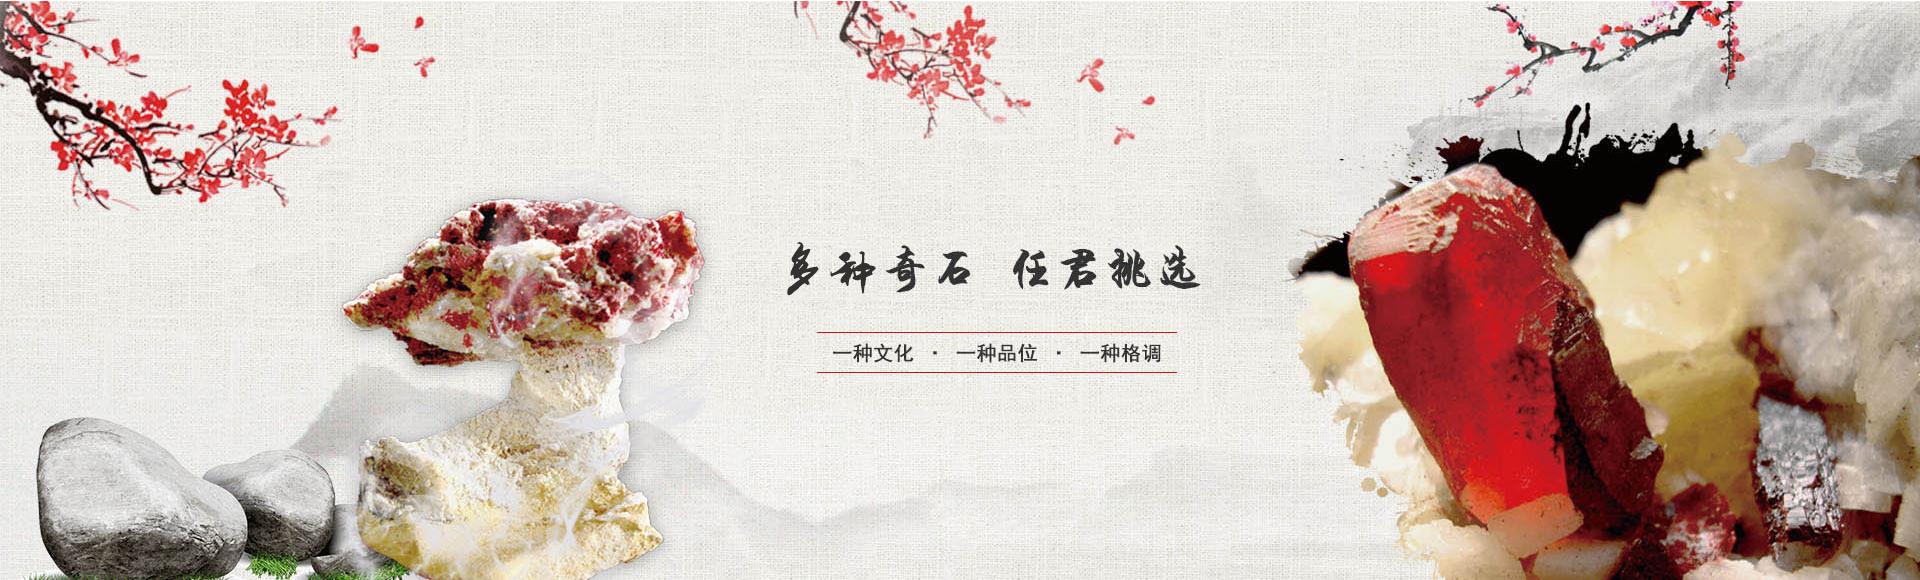 贵州奇石公司